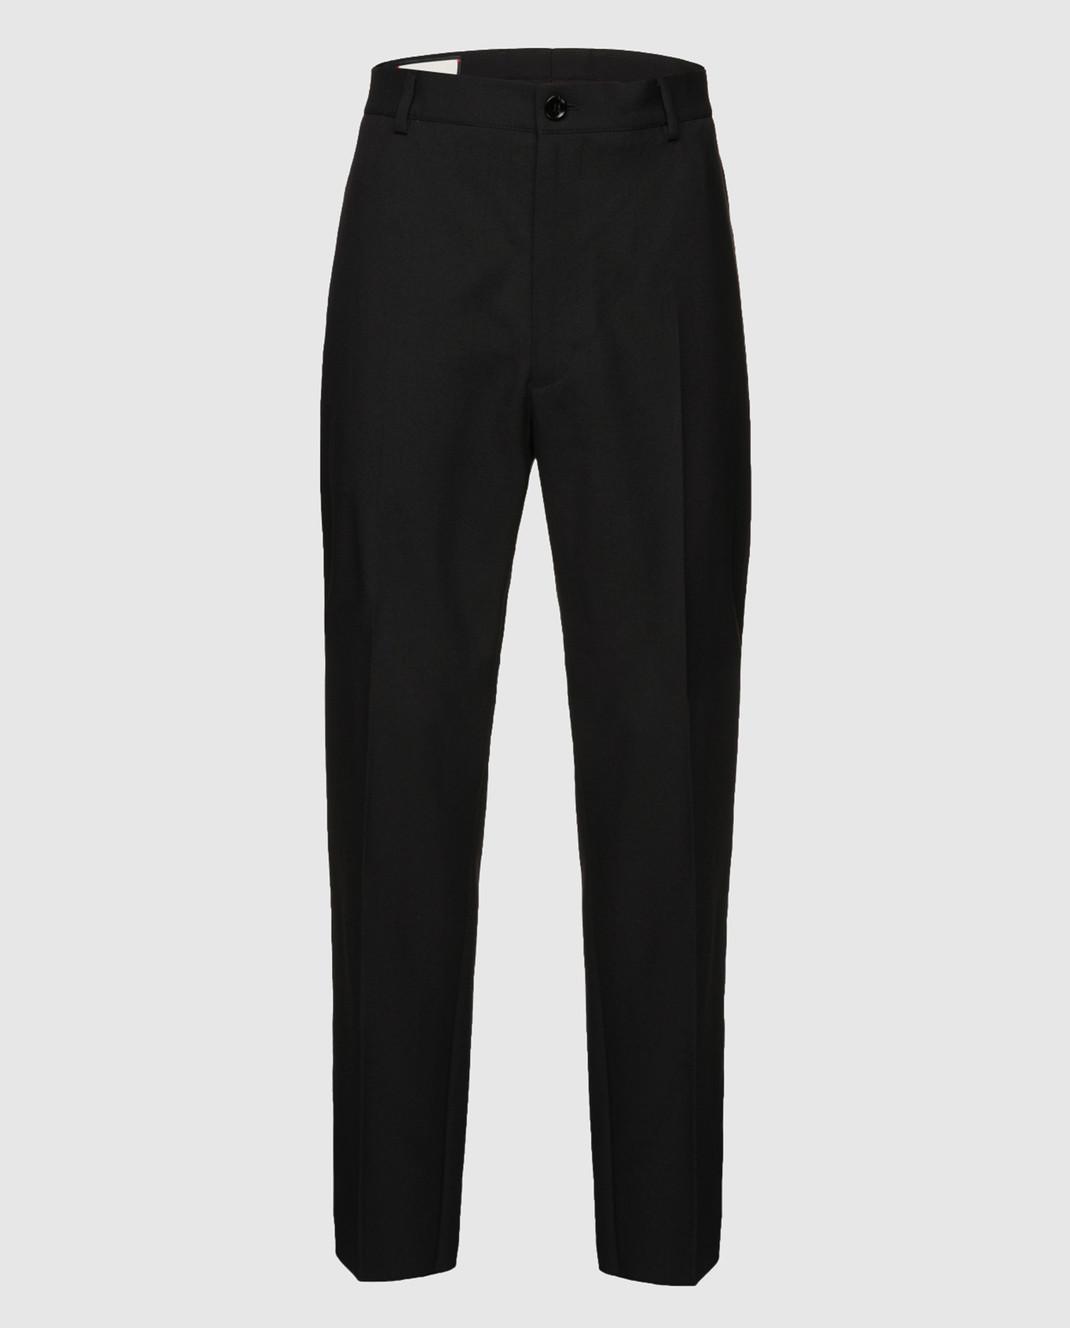 Gucci Черные брюки из шерсти 512968